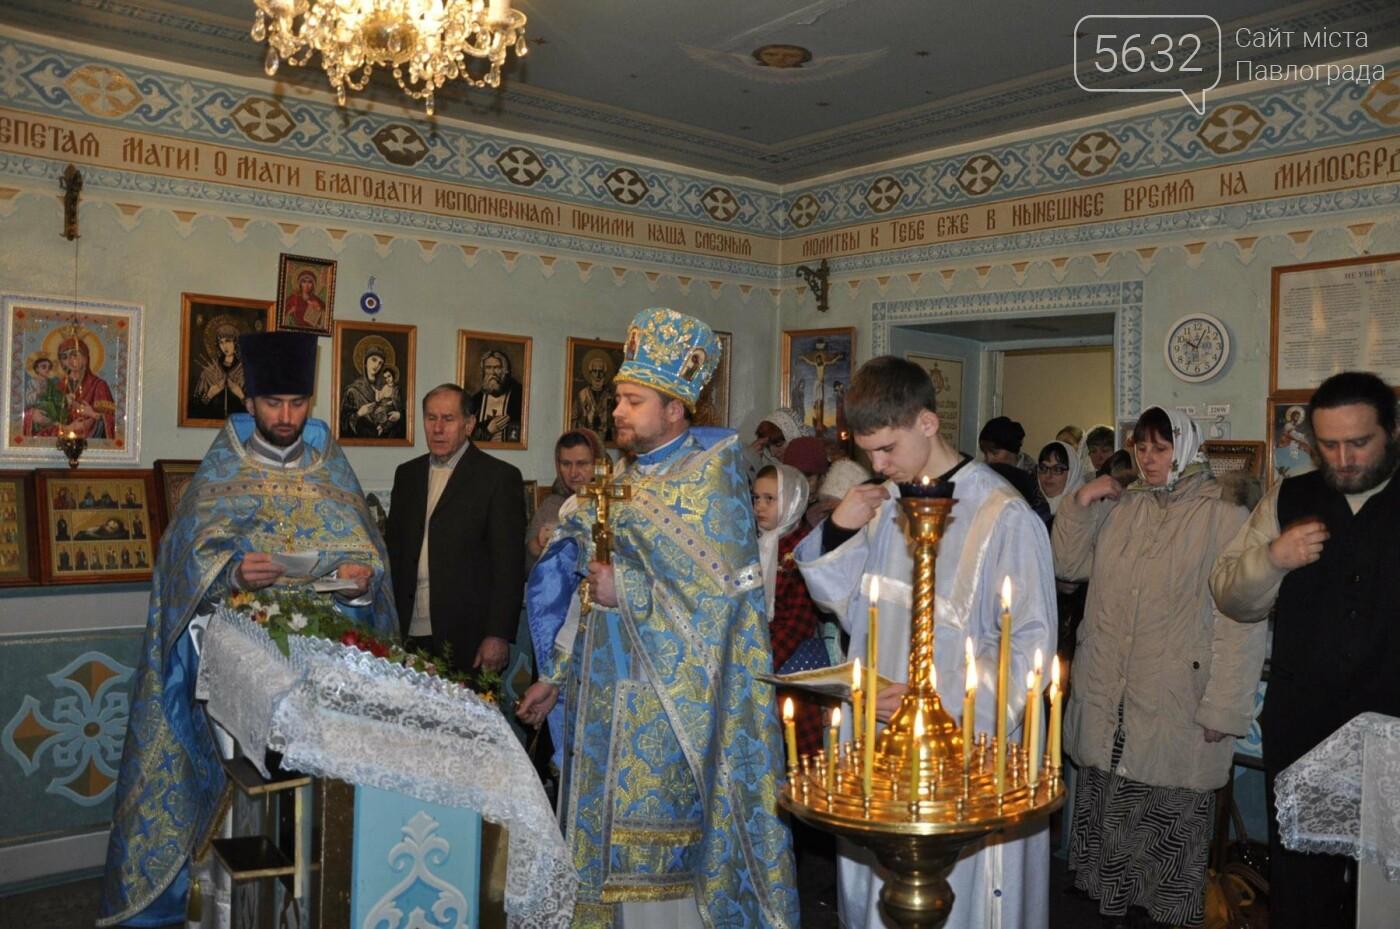 В Павлограде впервые за 20 лет на Рождество родилась двойня, фото-2